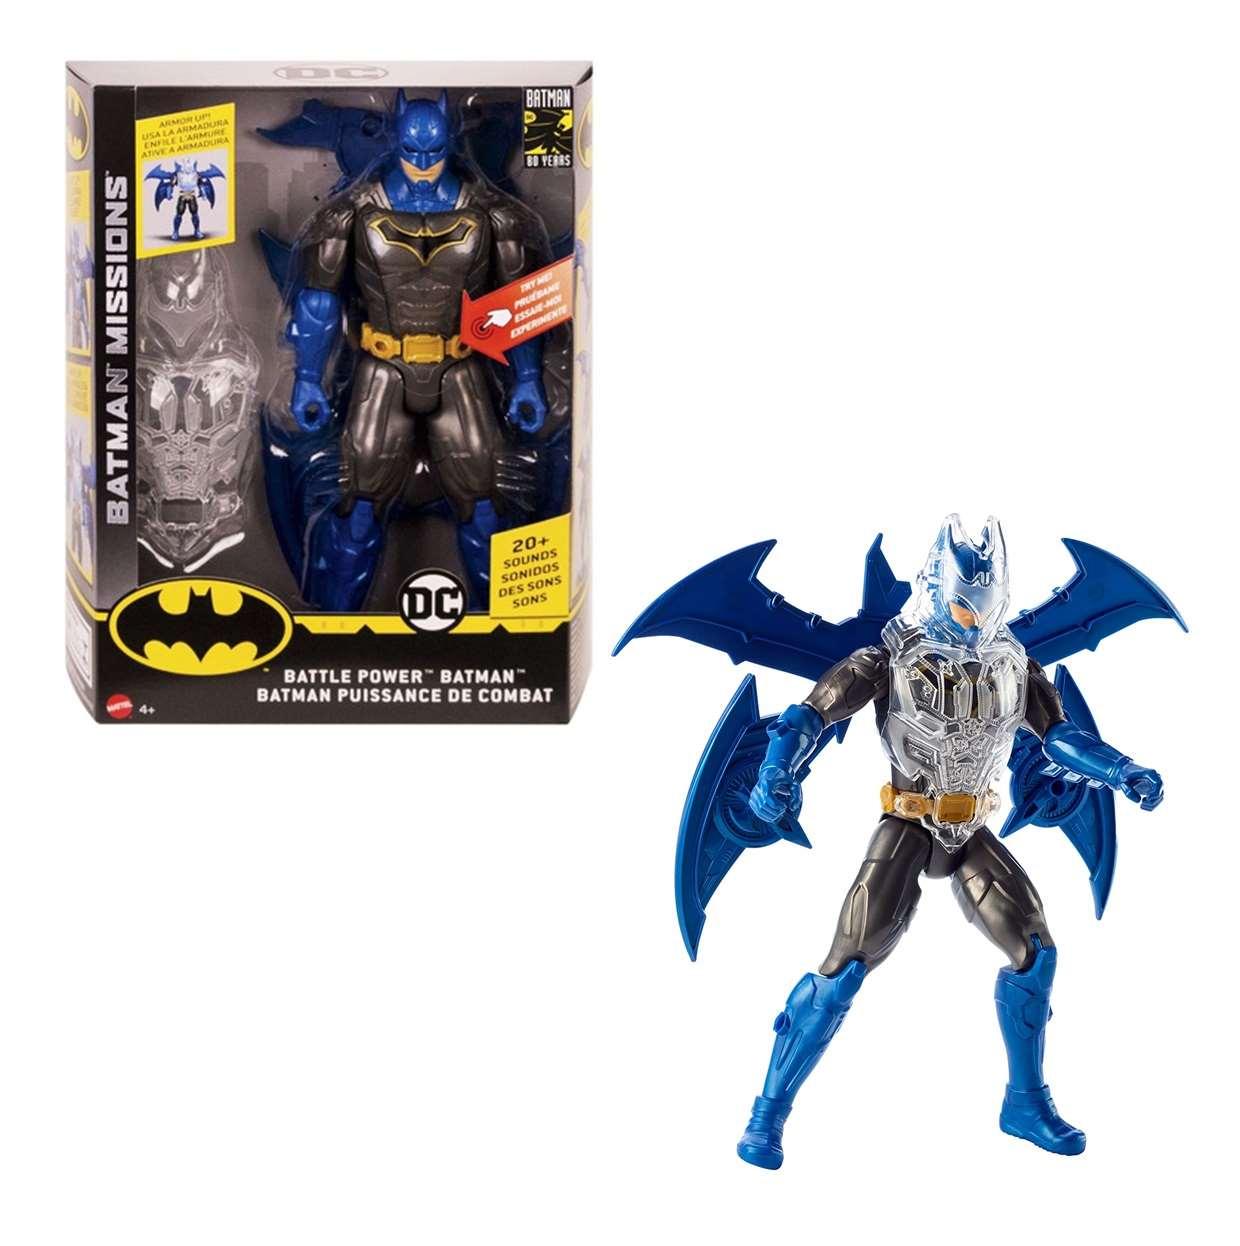 Batman Battle Power Batman Missions Con Luz y Sonido 12 Pulg